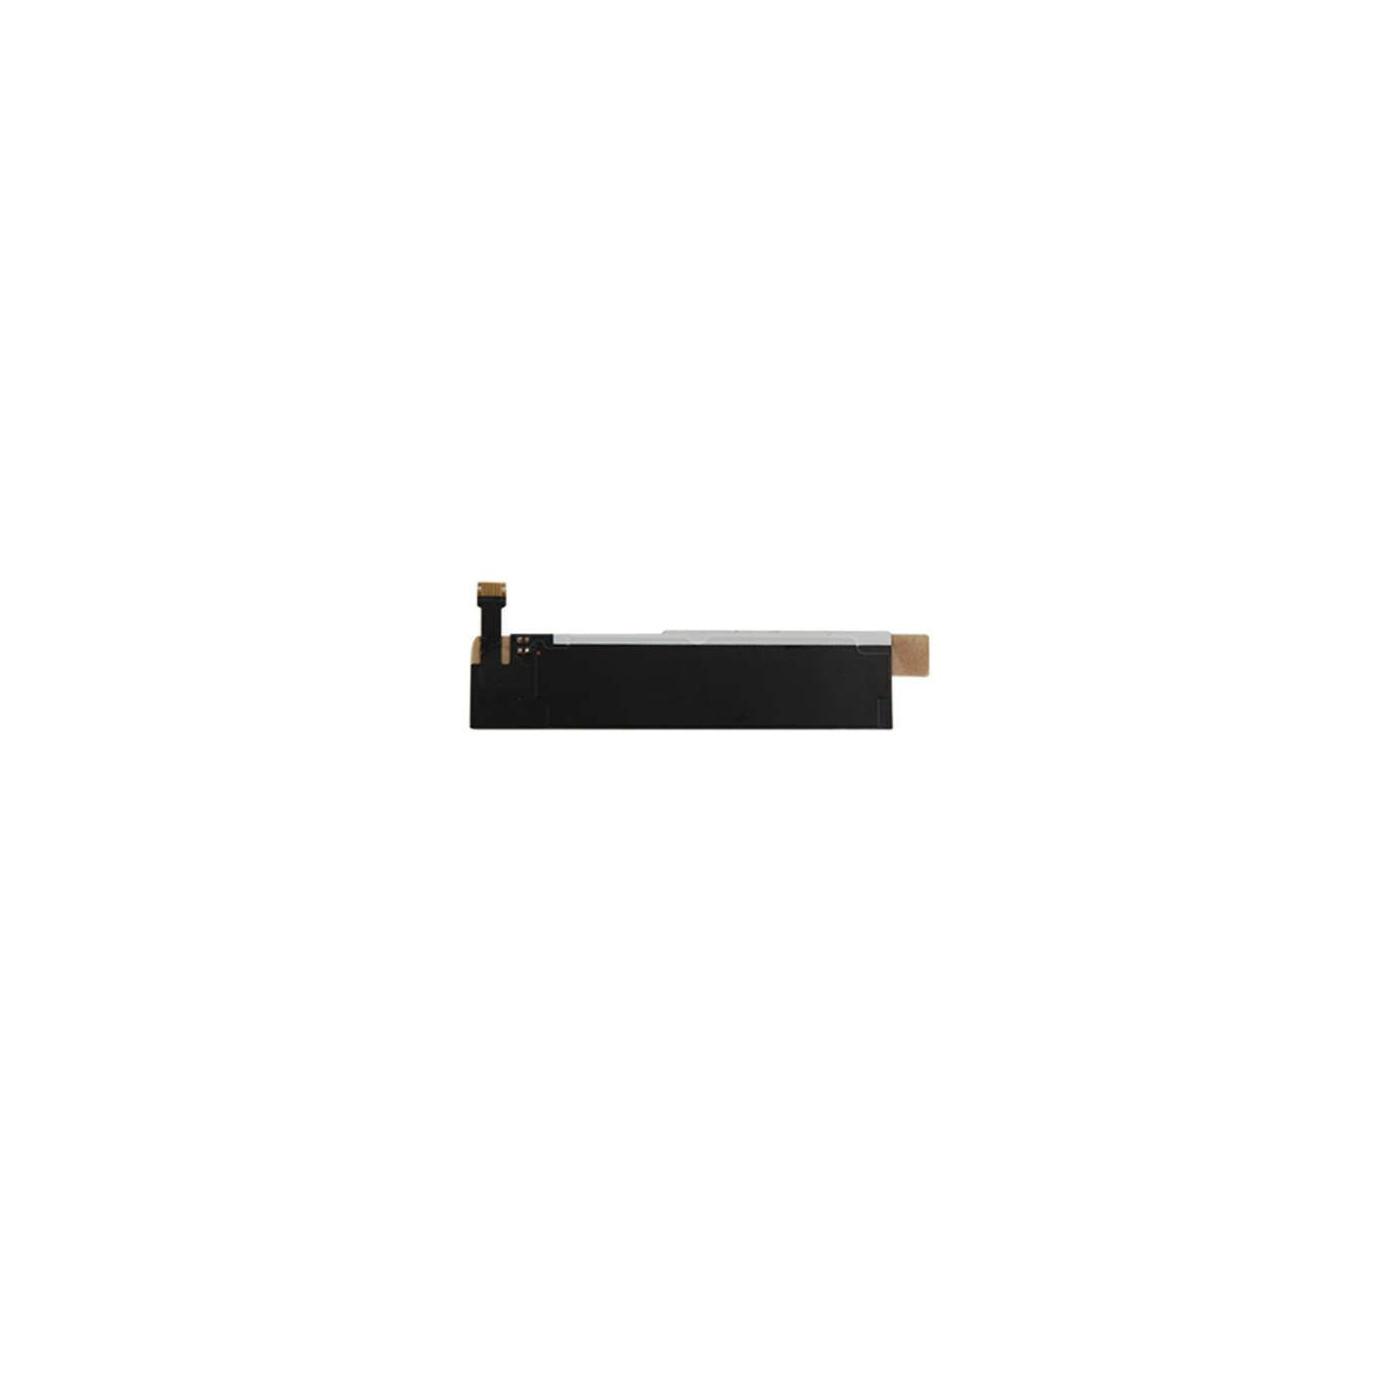 Antena GPS para apple ipad 2 reemplazo flex plano